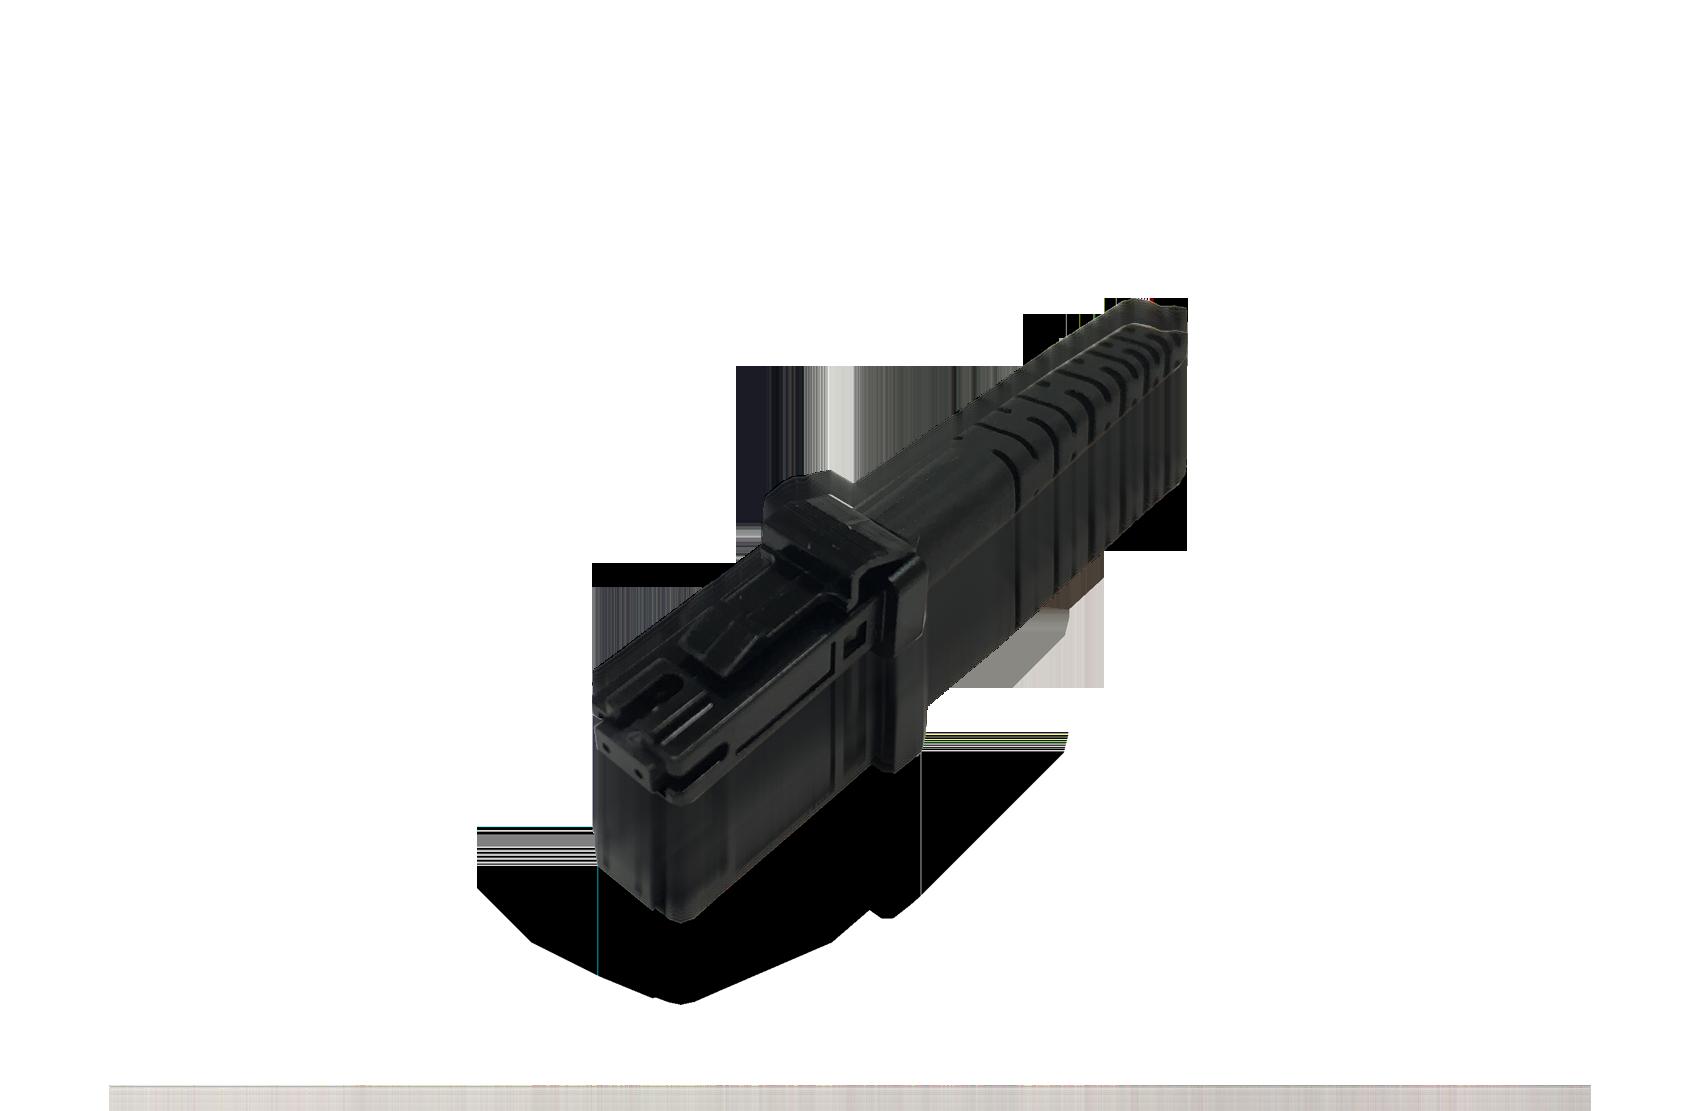 304001 MTRJ Connector